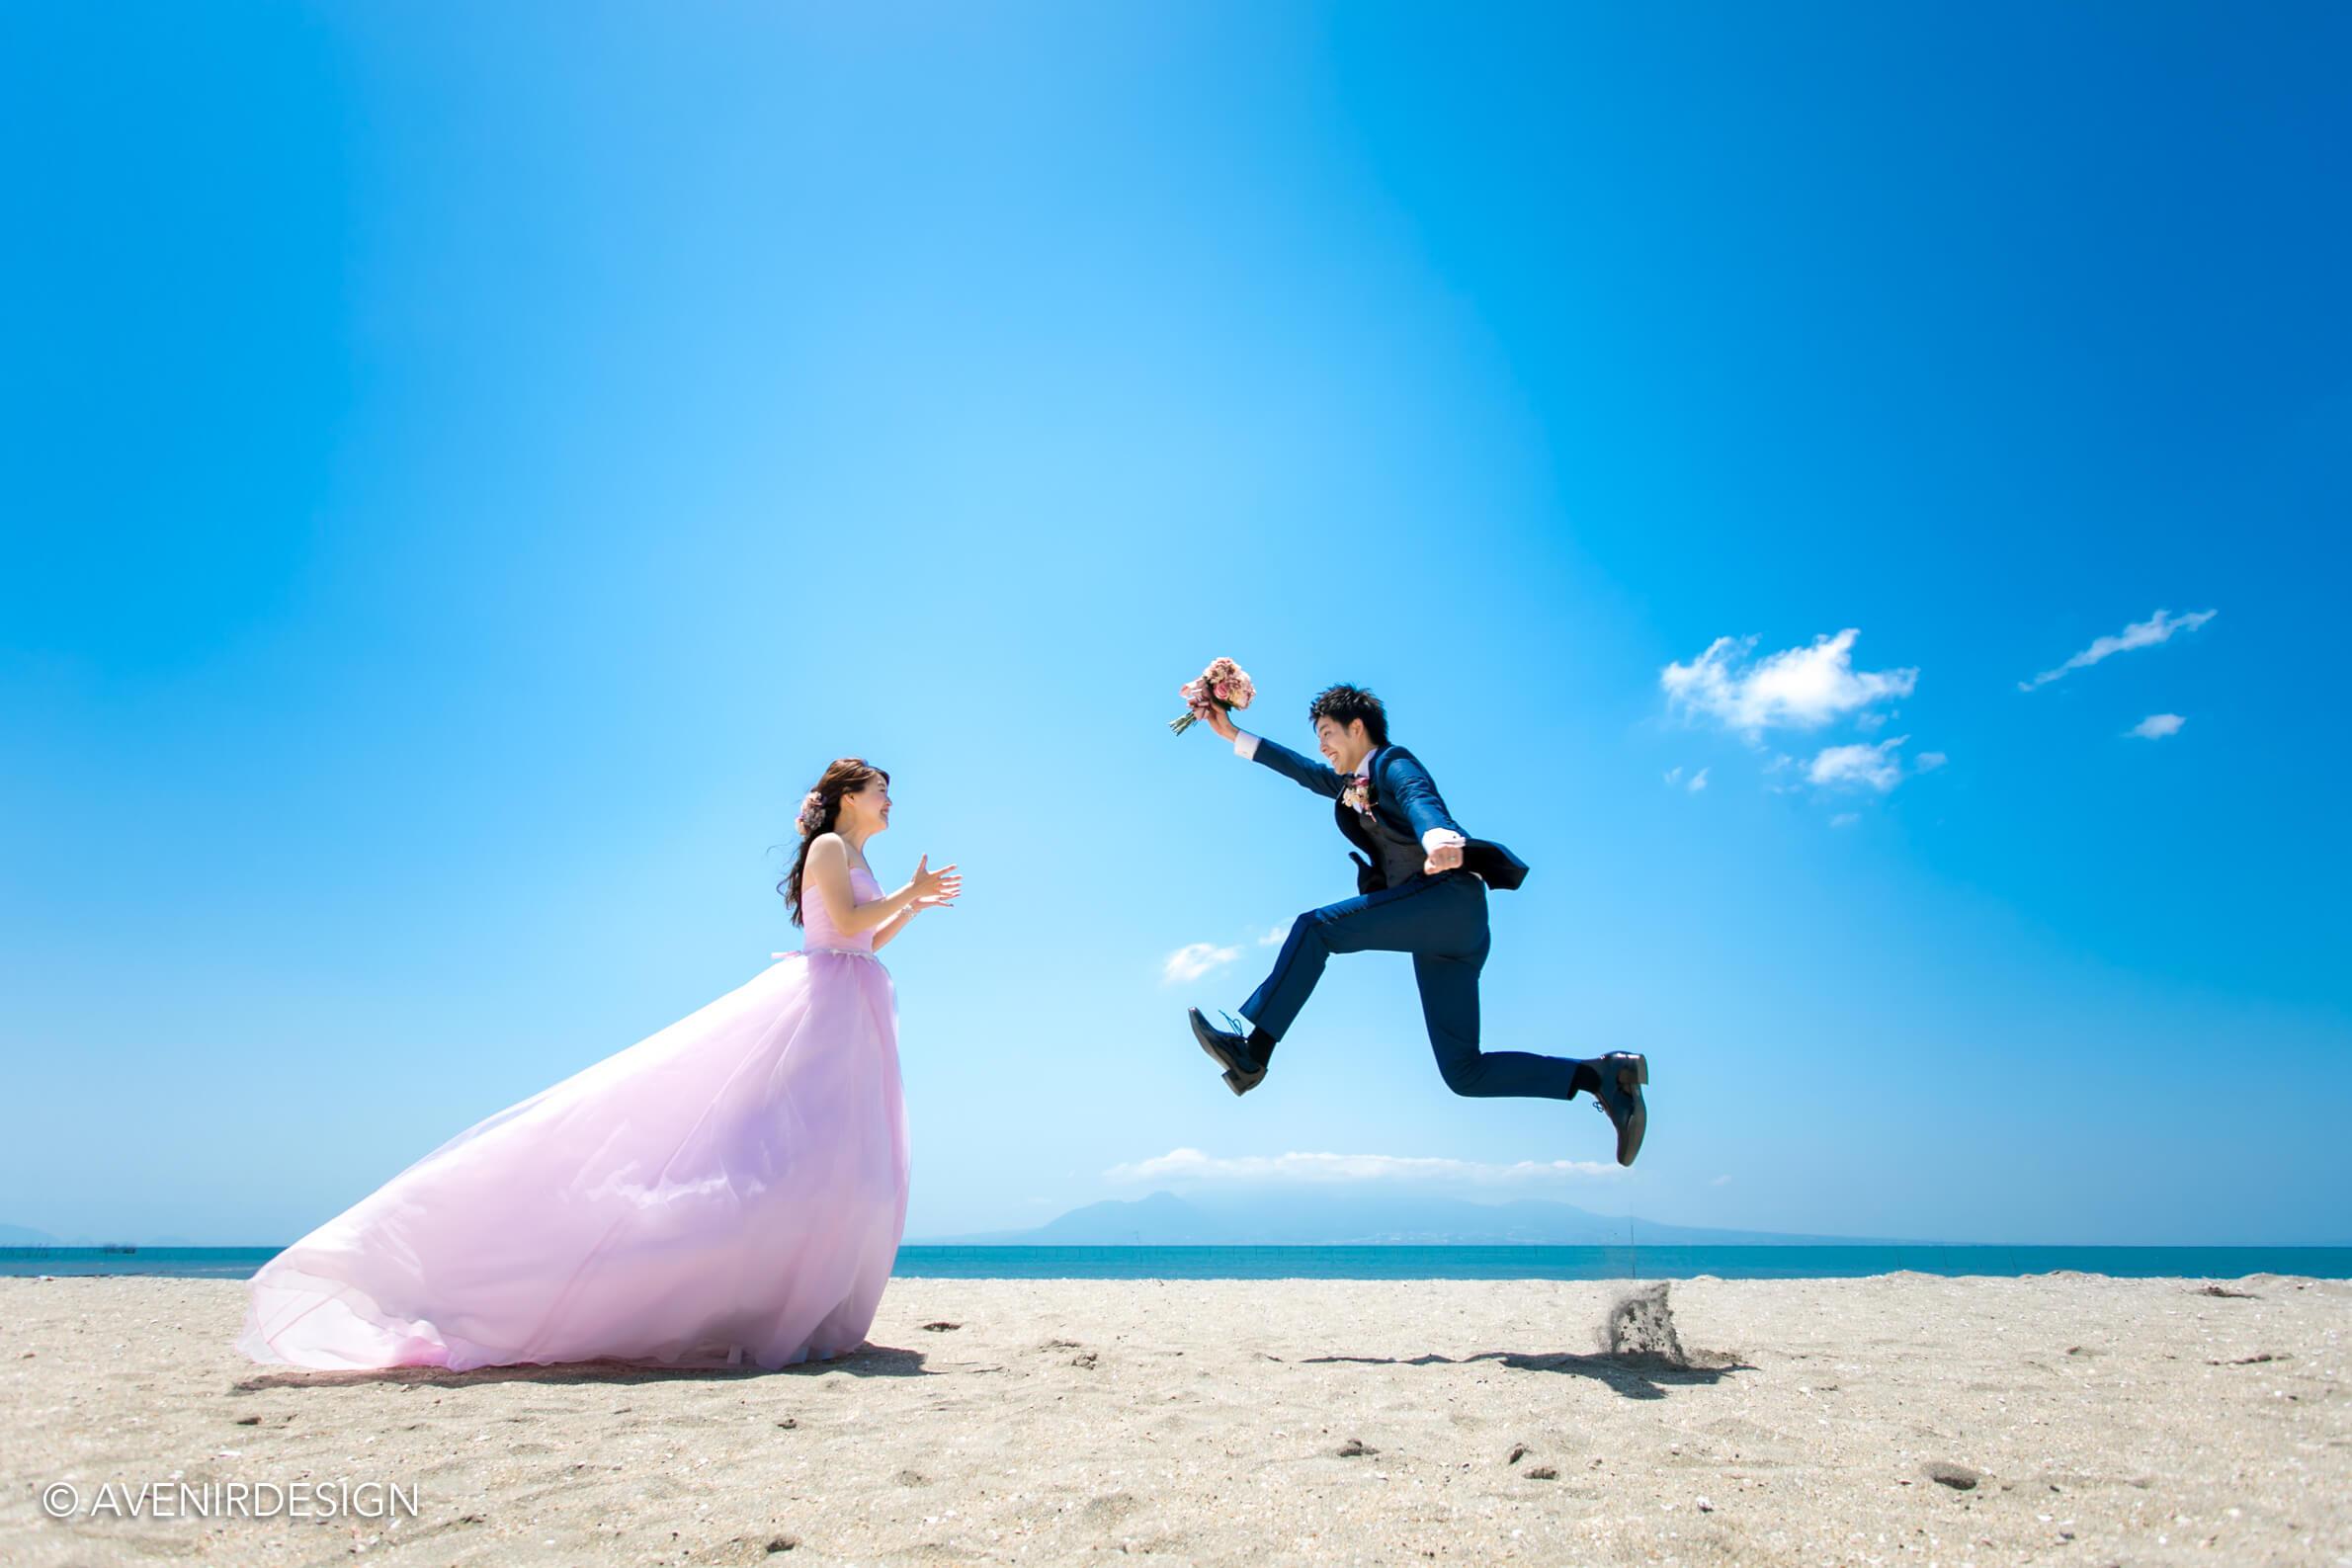 【熊本】玉名で海と砂浜がキレイな前撮りスポット|鍋松原海水浴場